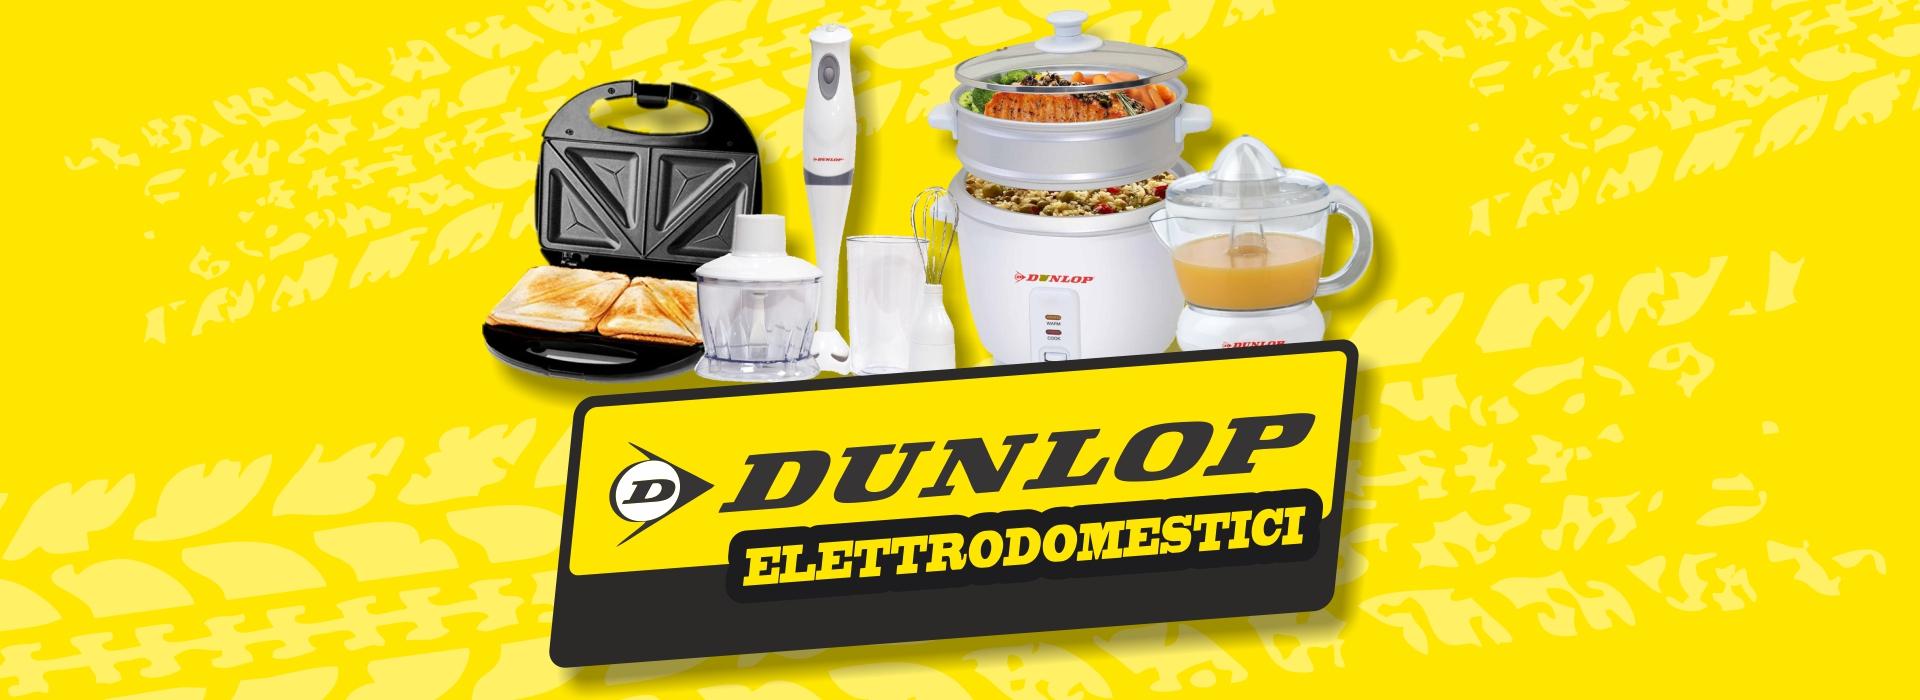 Dunlop piccoli elettrodomestici